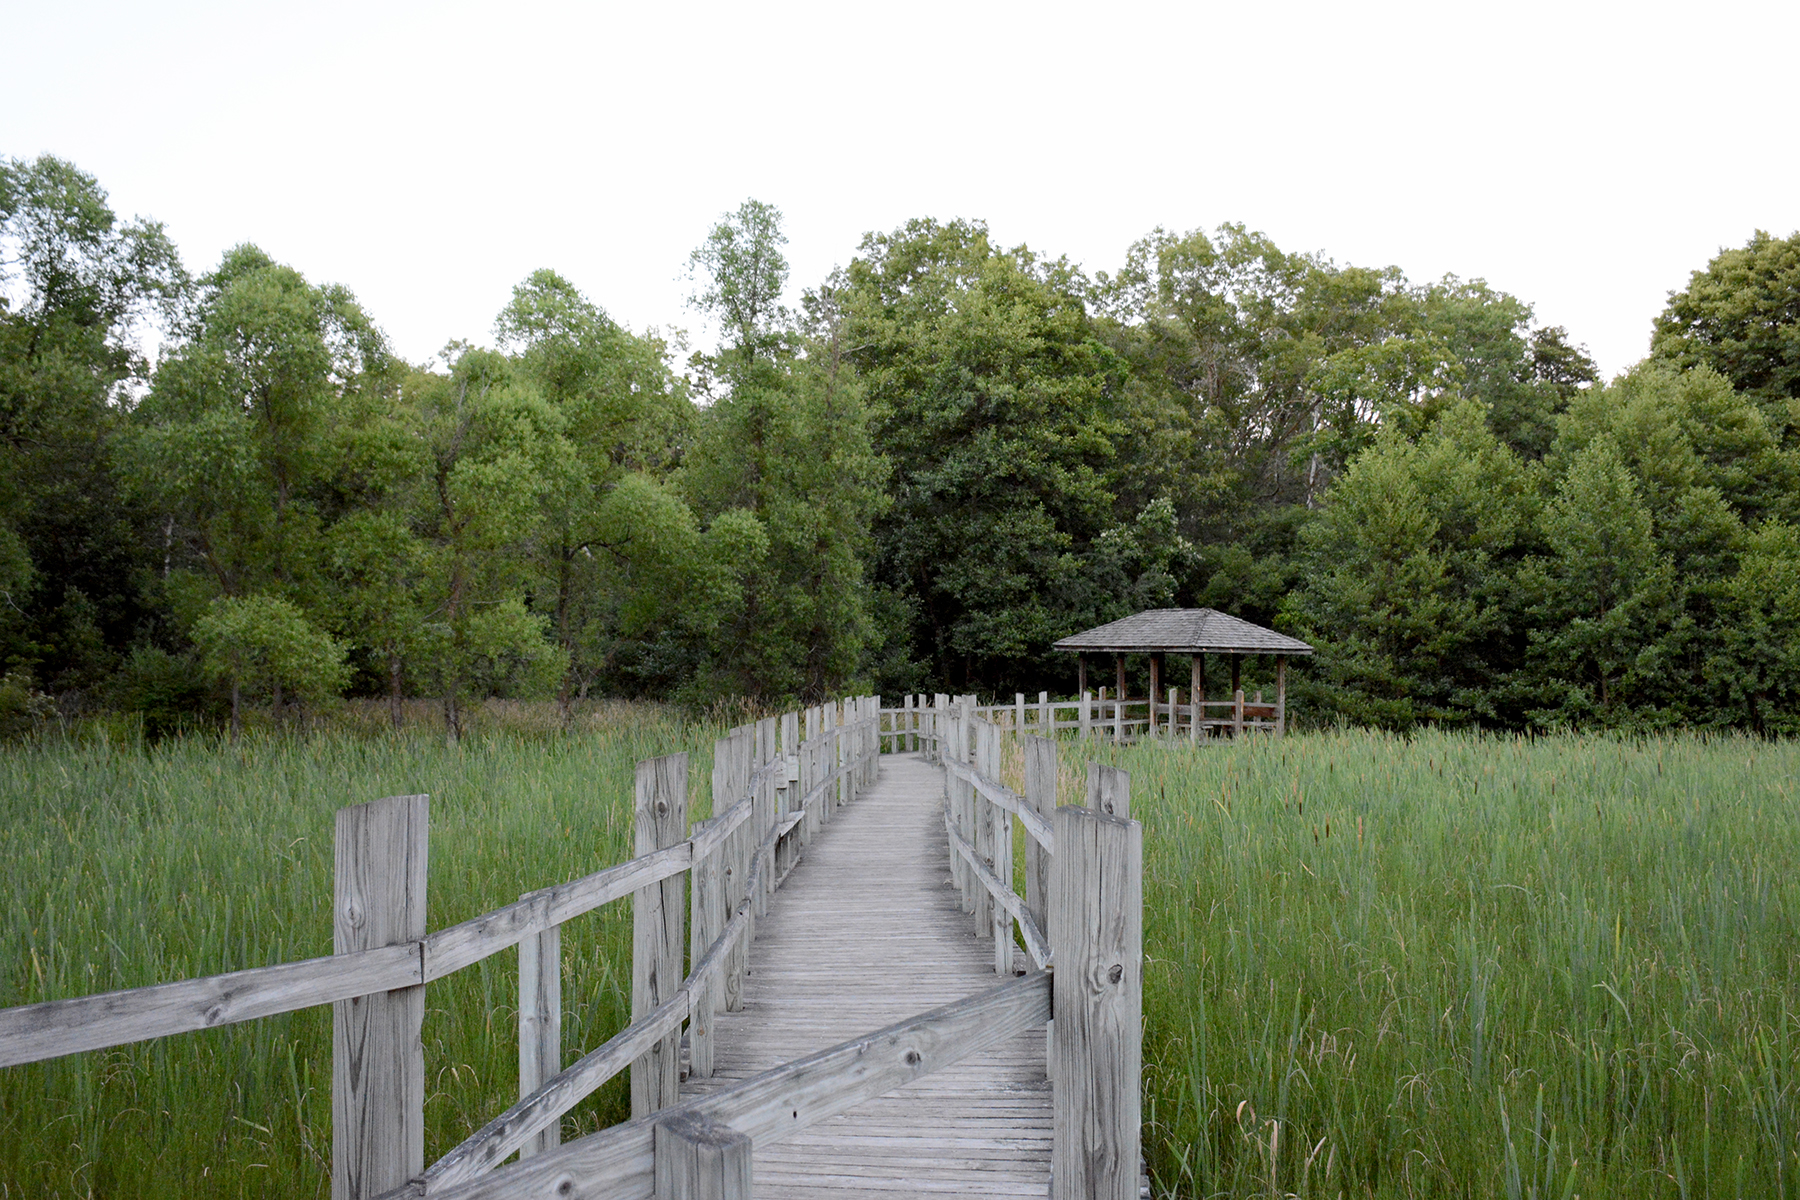 2016-06-20-nature-arboretum7